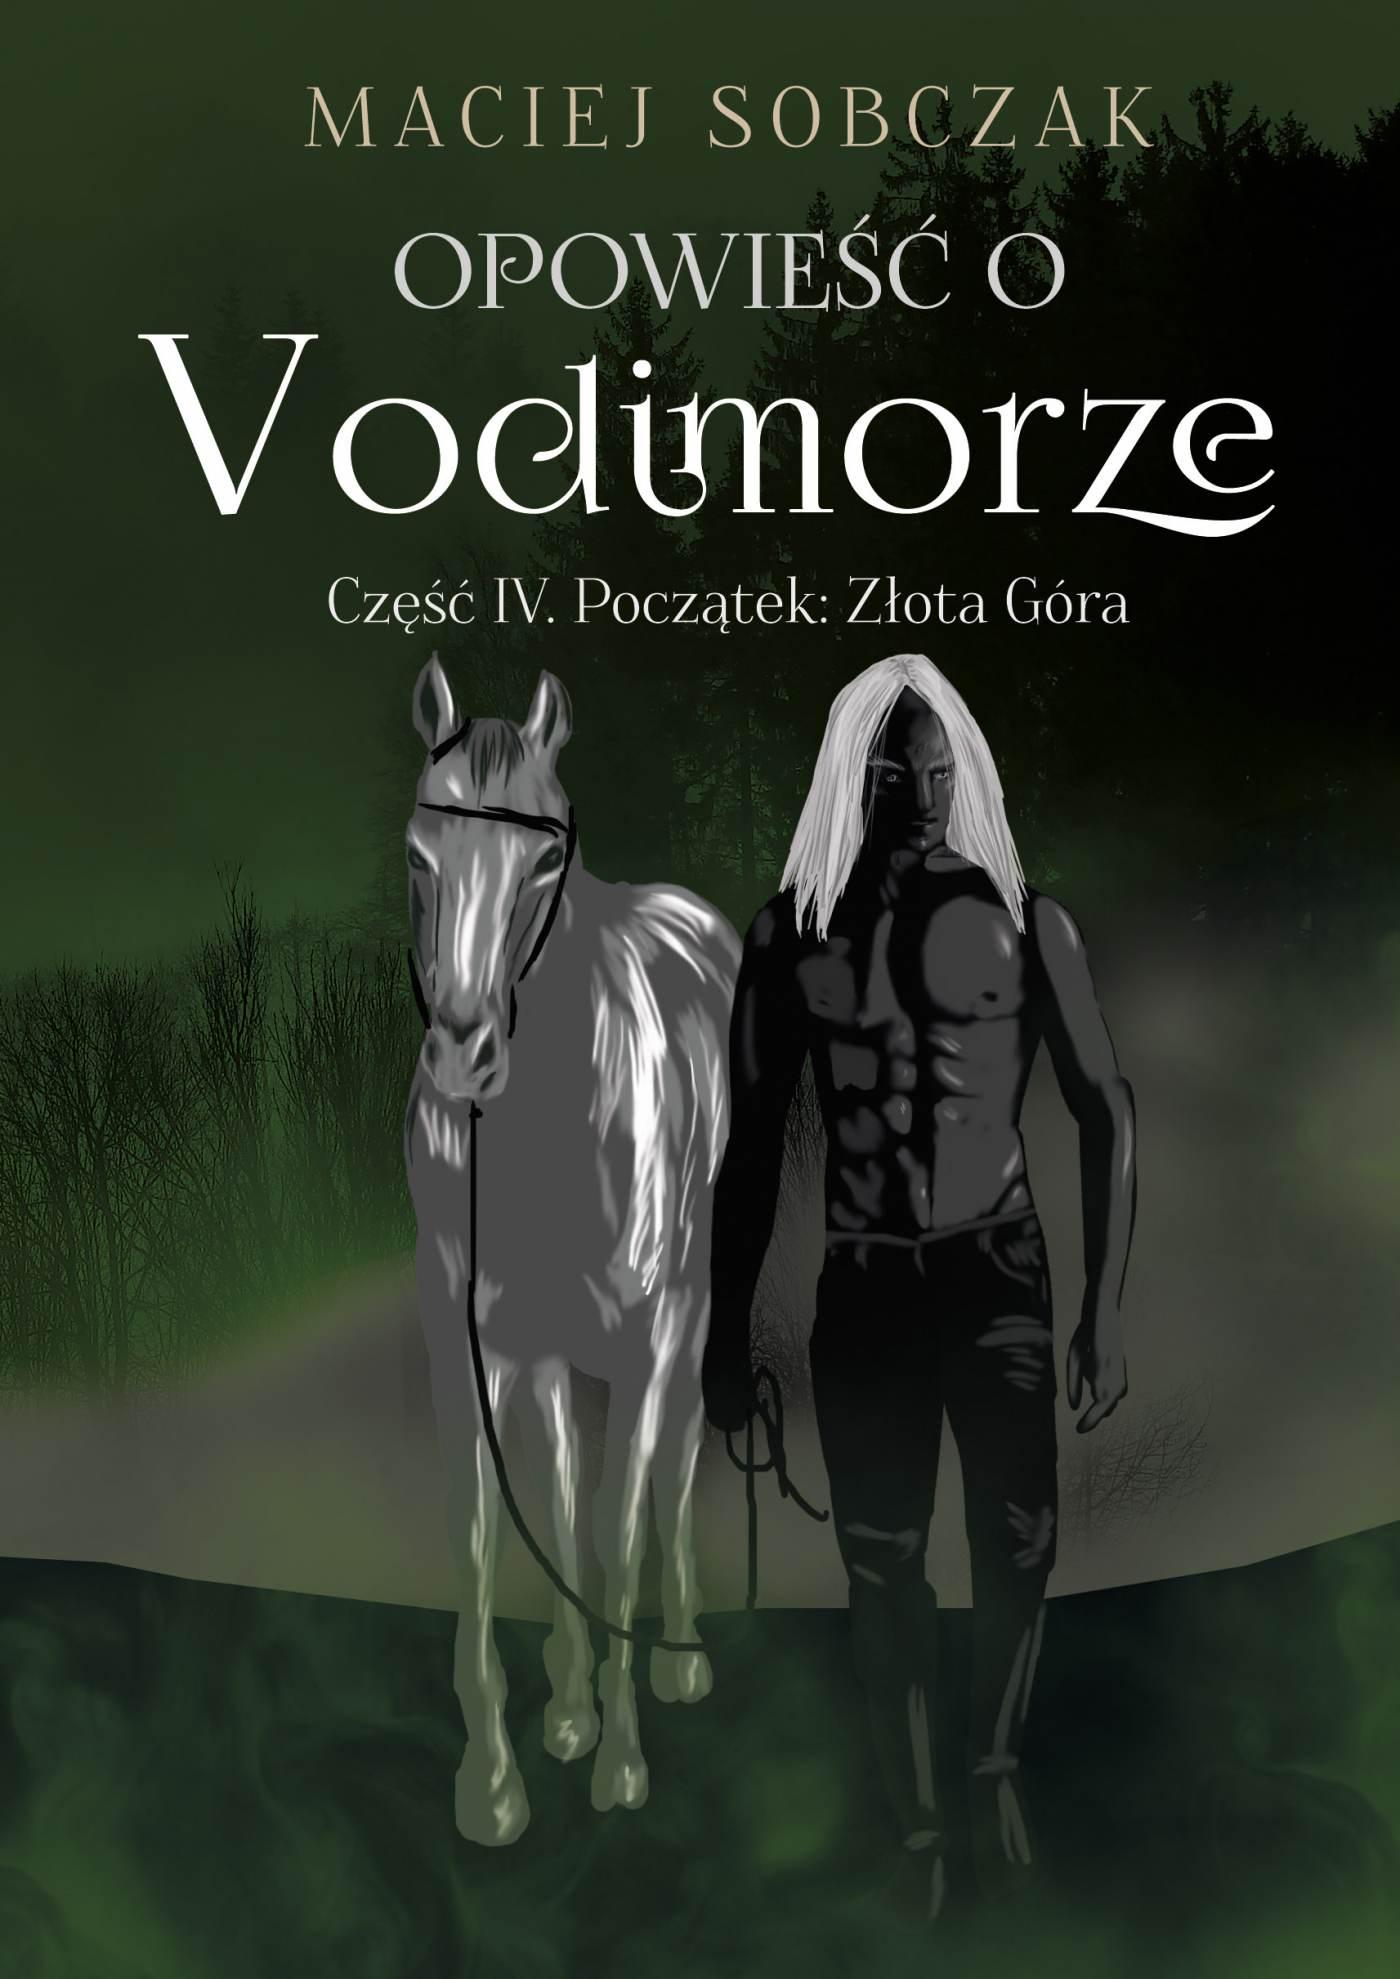 Opowieść o Vodimorze. Część IV. Początek: Złota Góra - Ebook (Książka EPUB) do pobrania w formacie EPUB